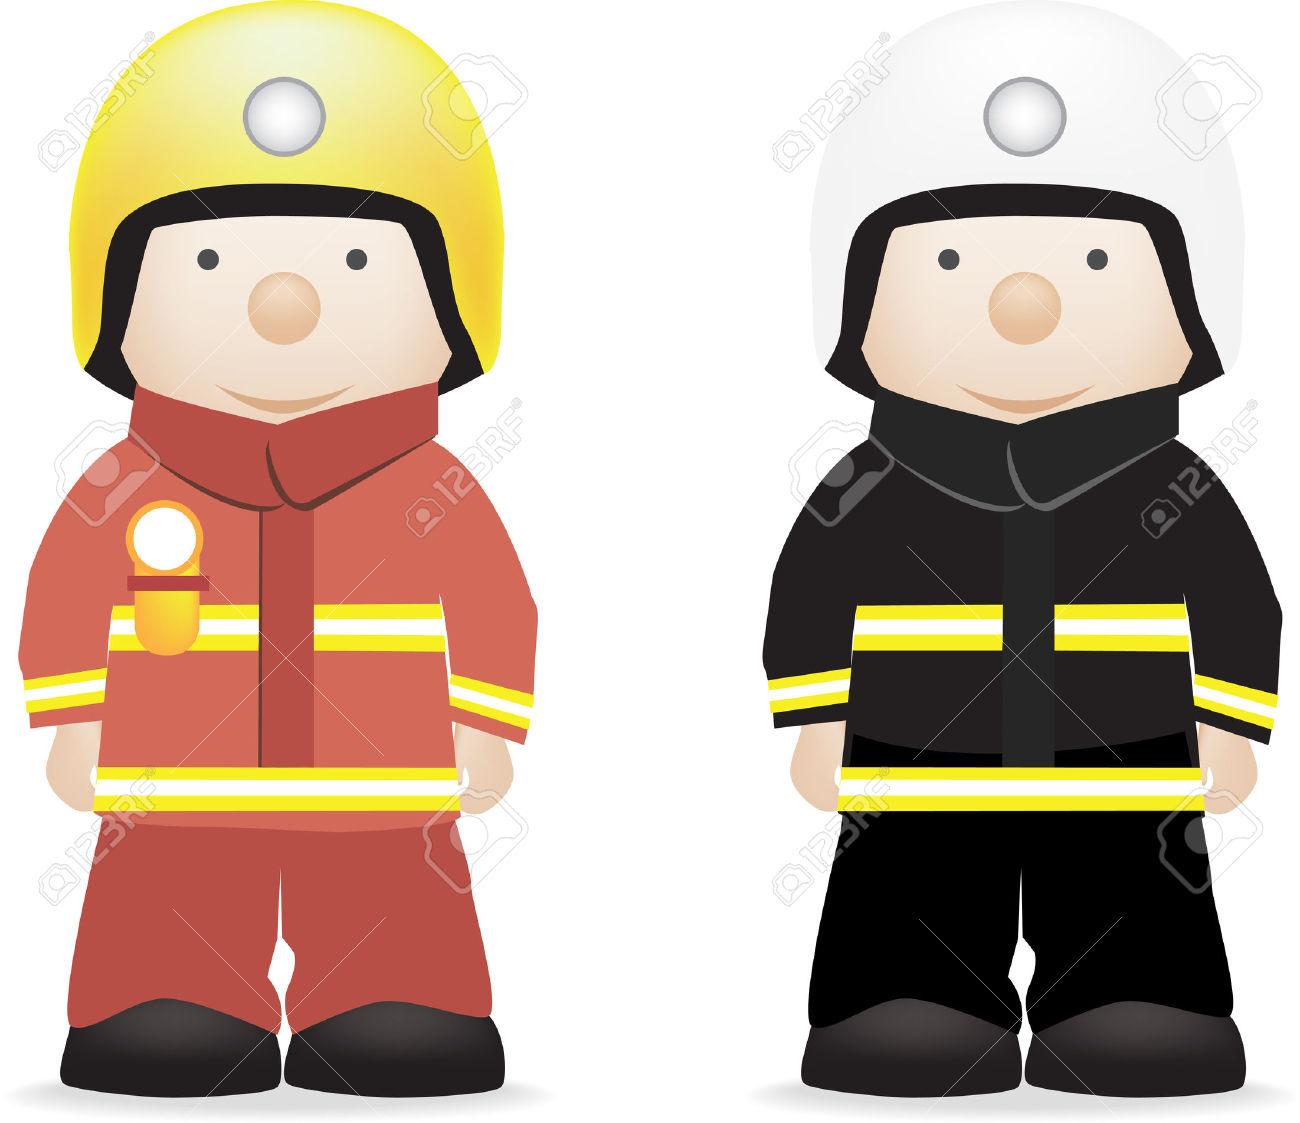 1300x1123 Uniform Firefighter Clipart, Explore Pictures